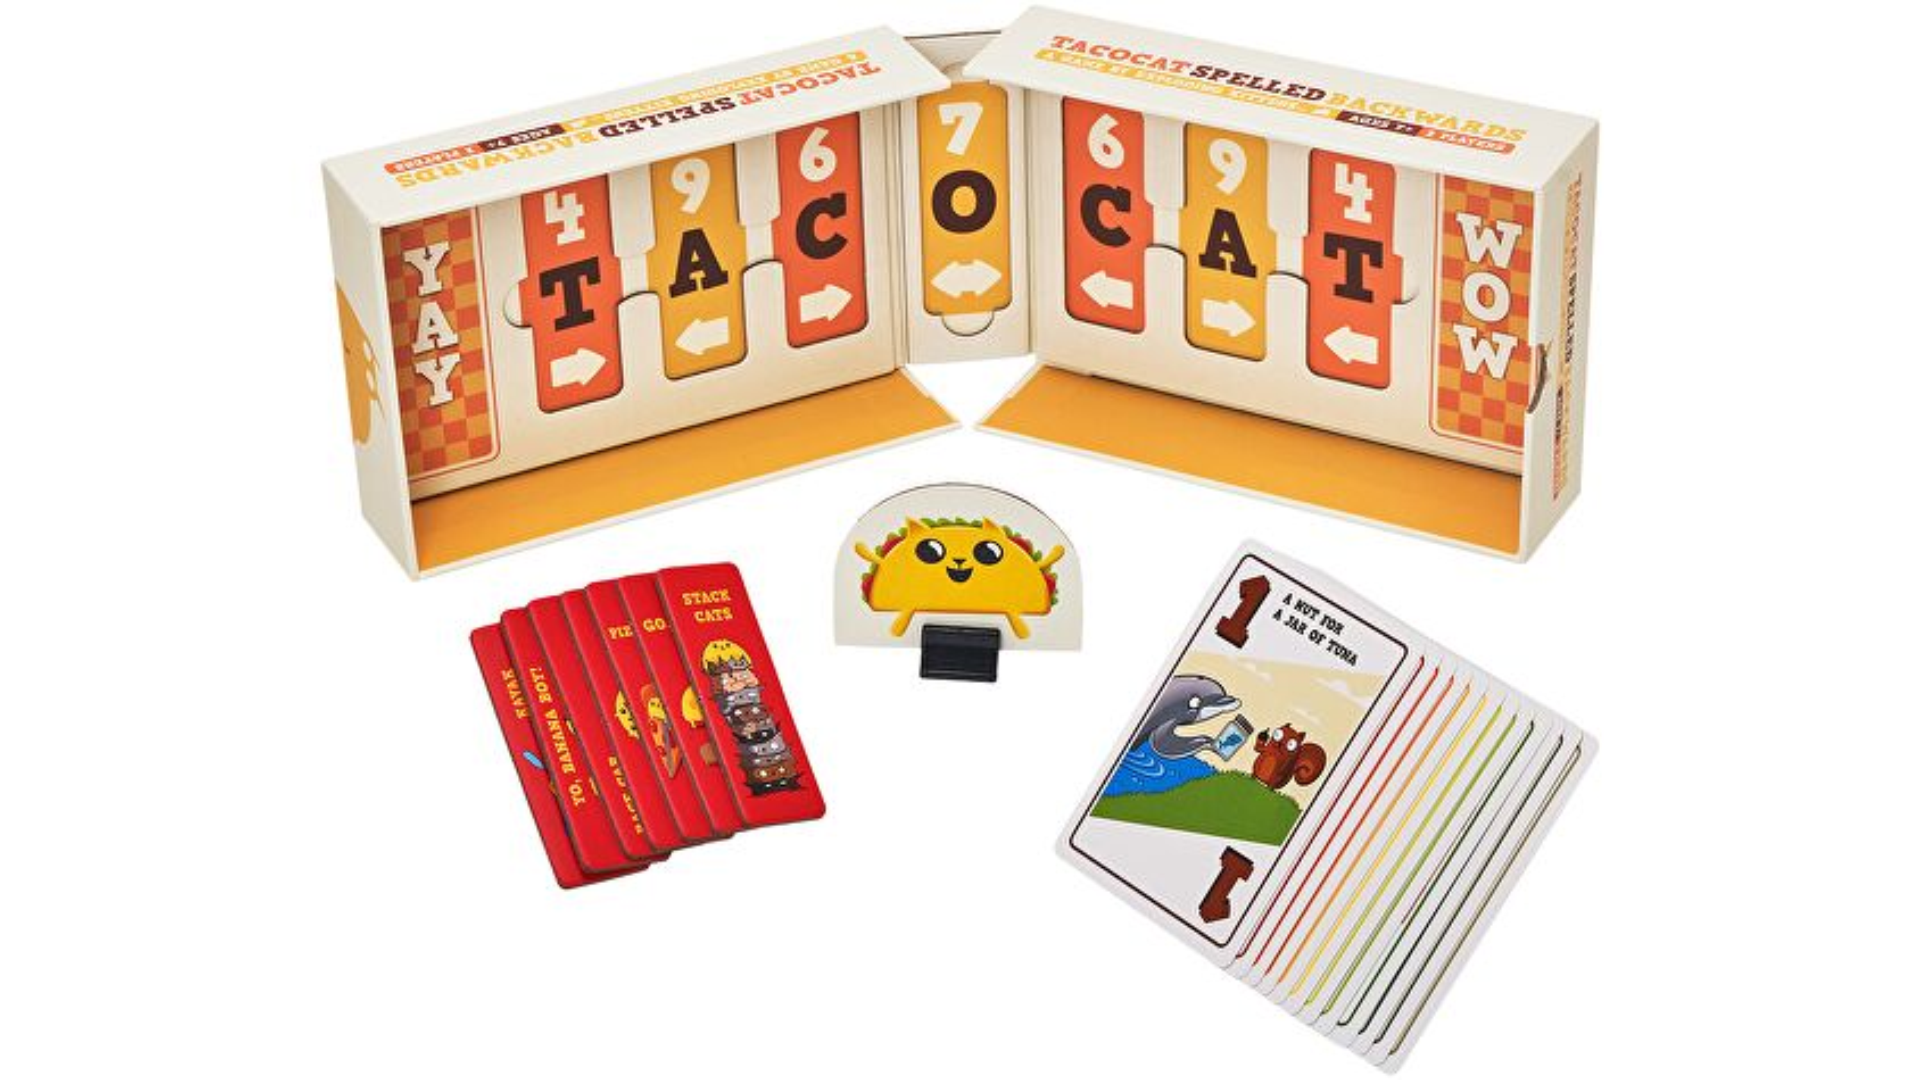 Tacocat Spelled Backwards layout image